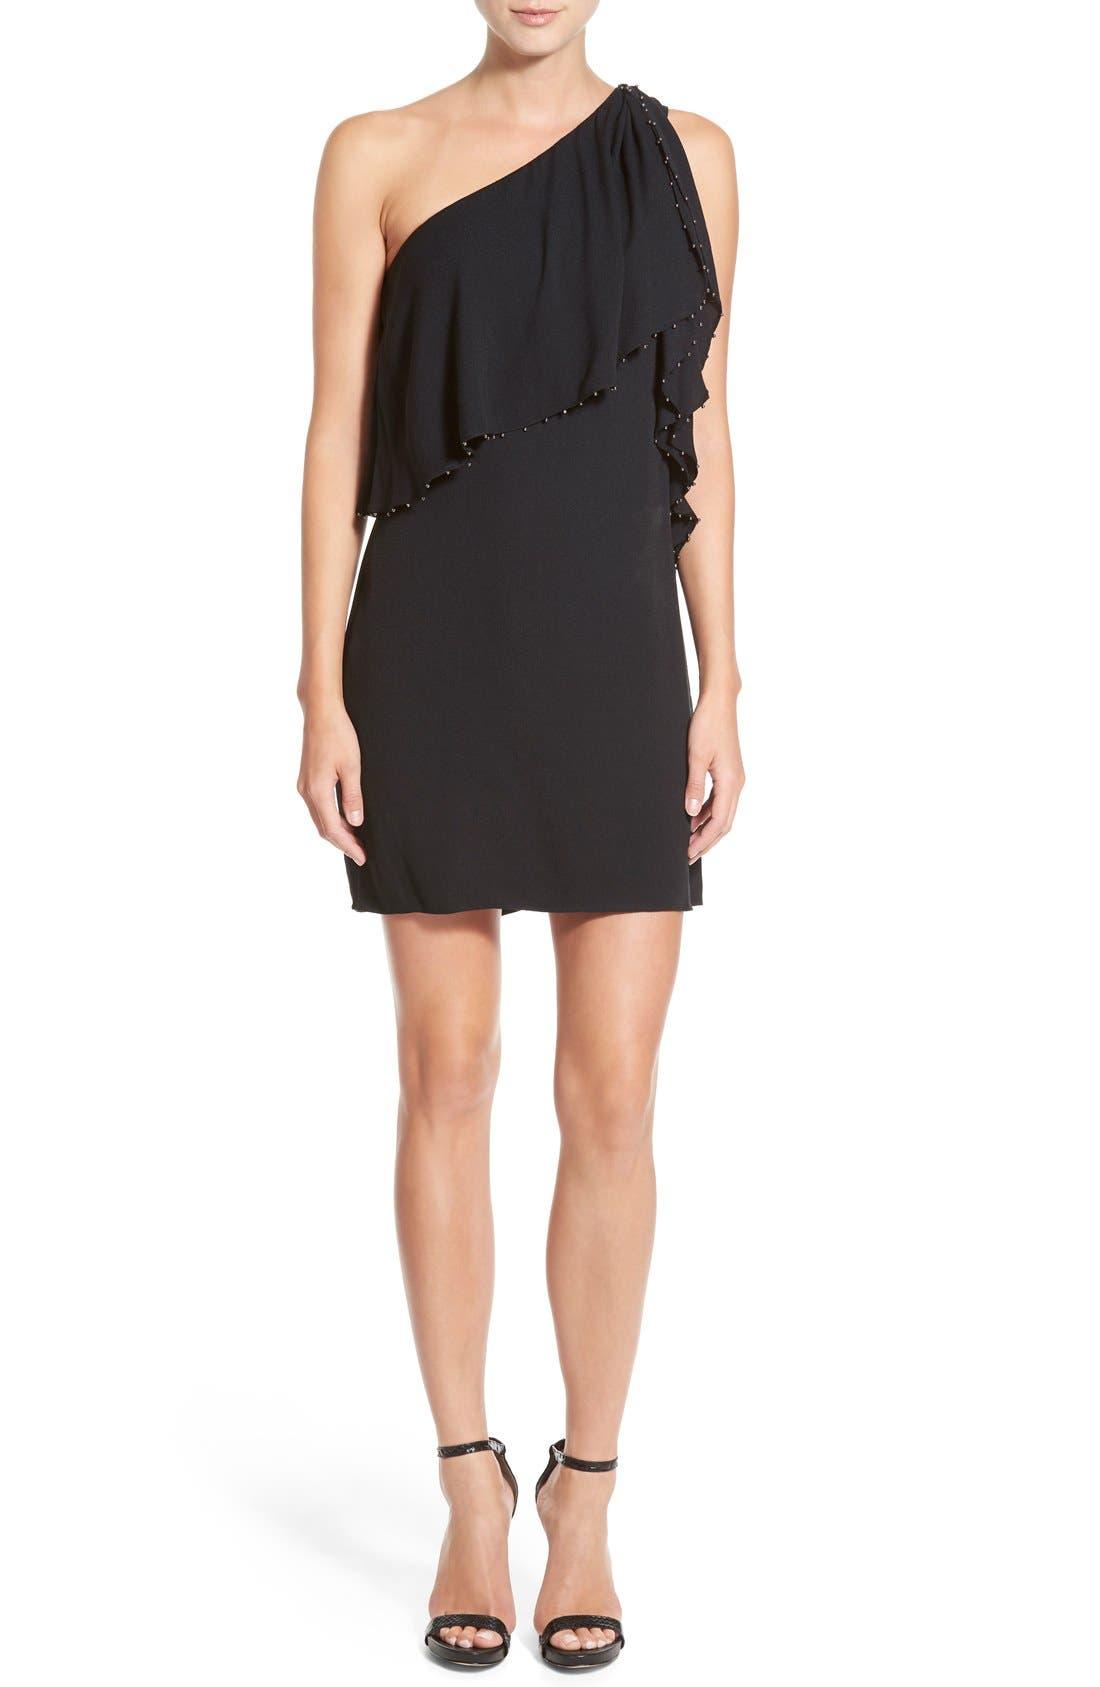 Alternate Image 1 Selected - Ella Moss 'Stella' One Shoulder Crepe Dress